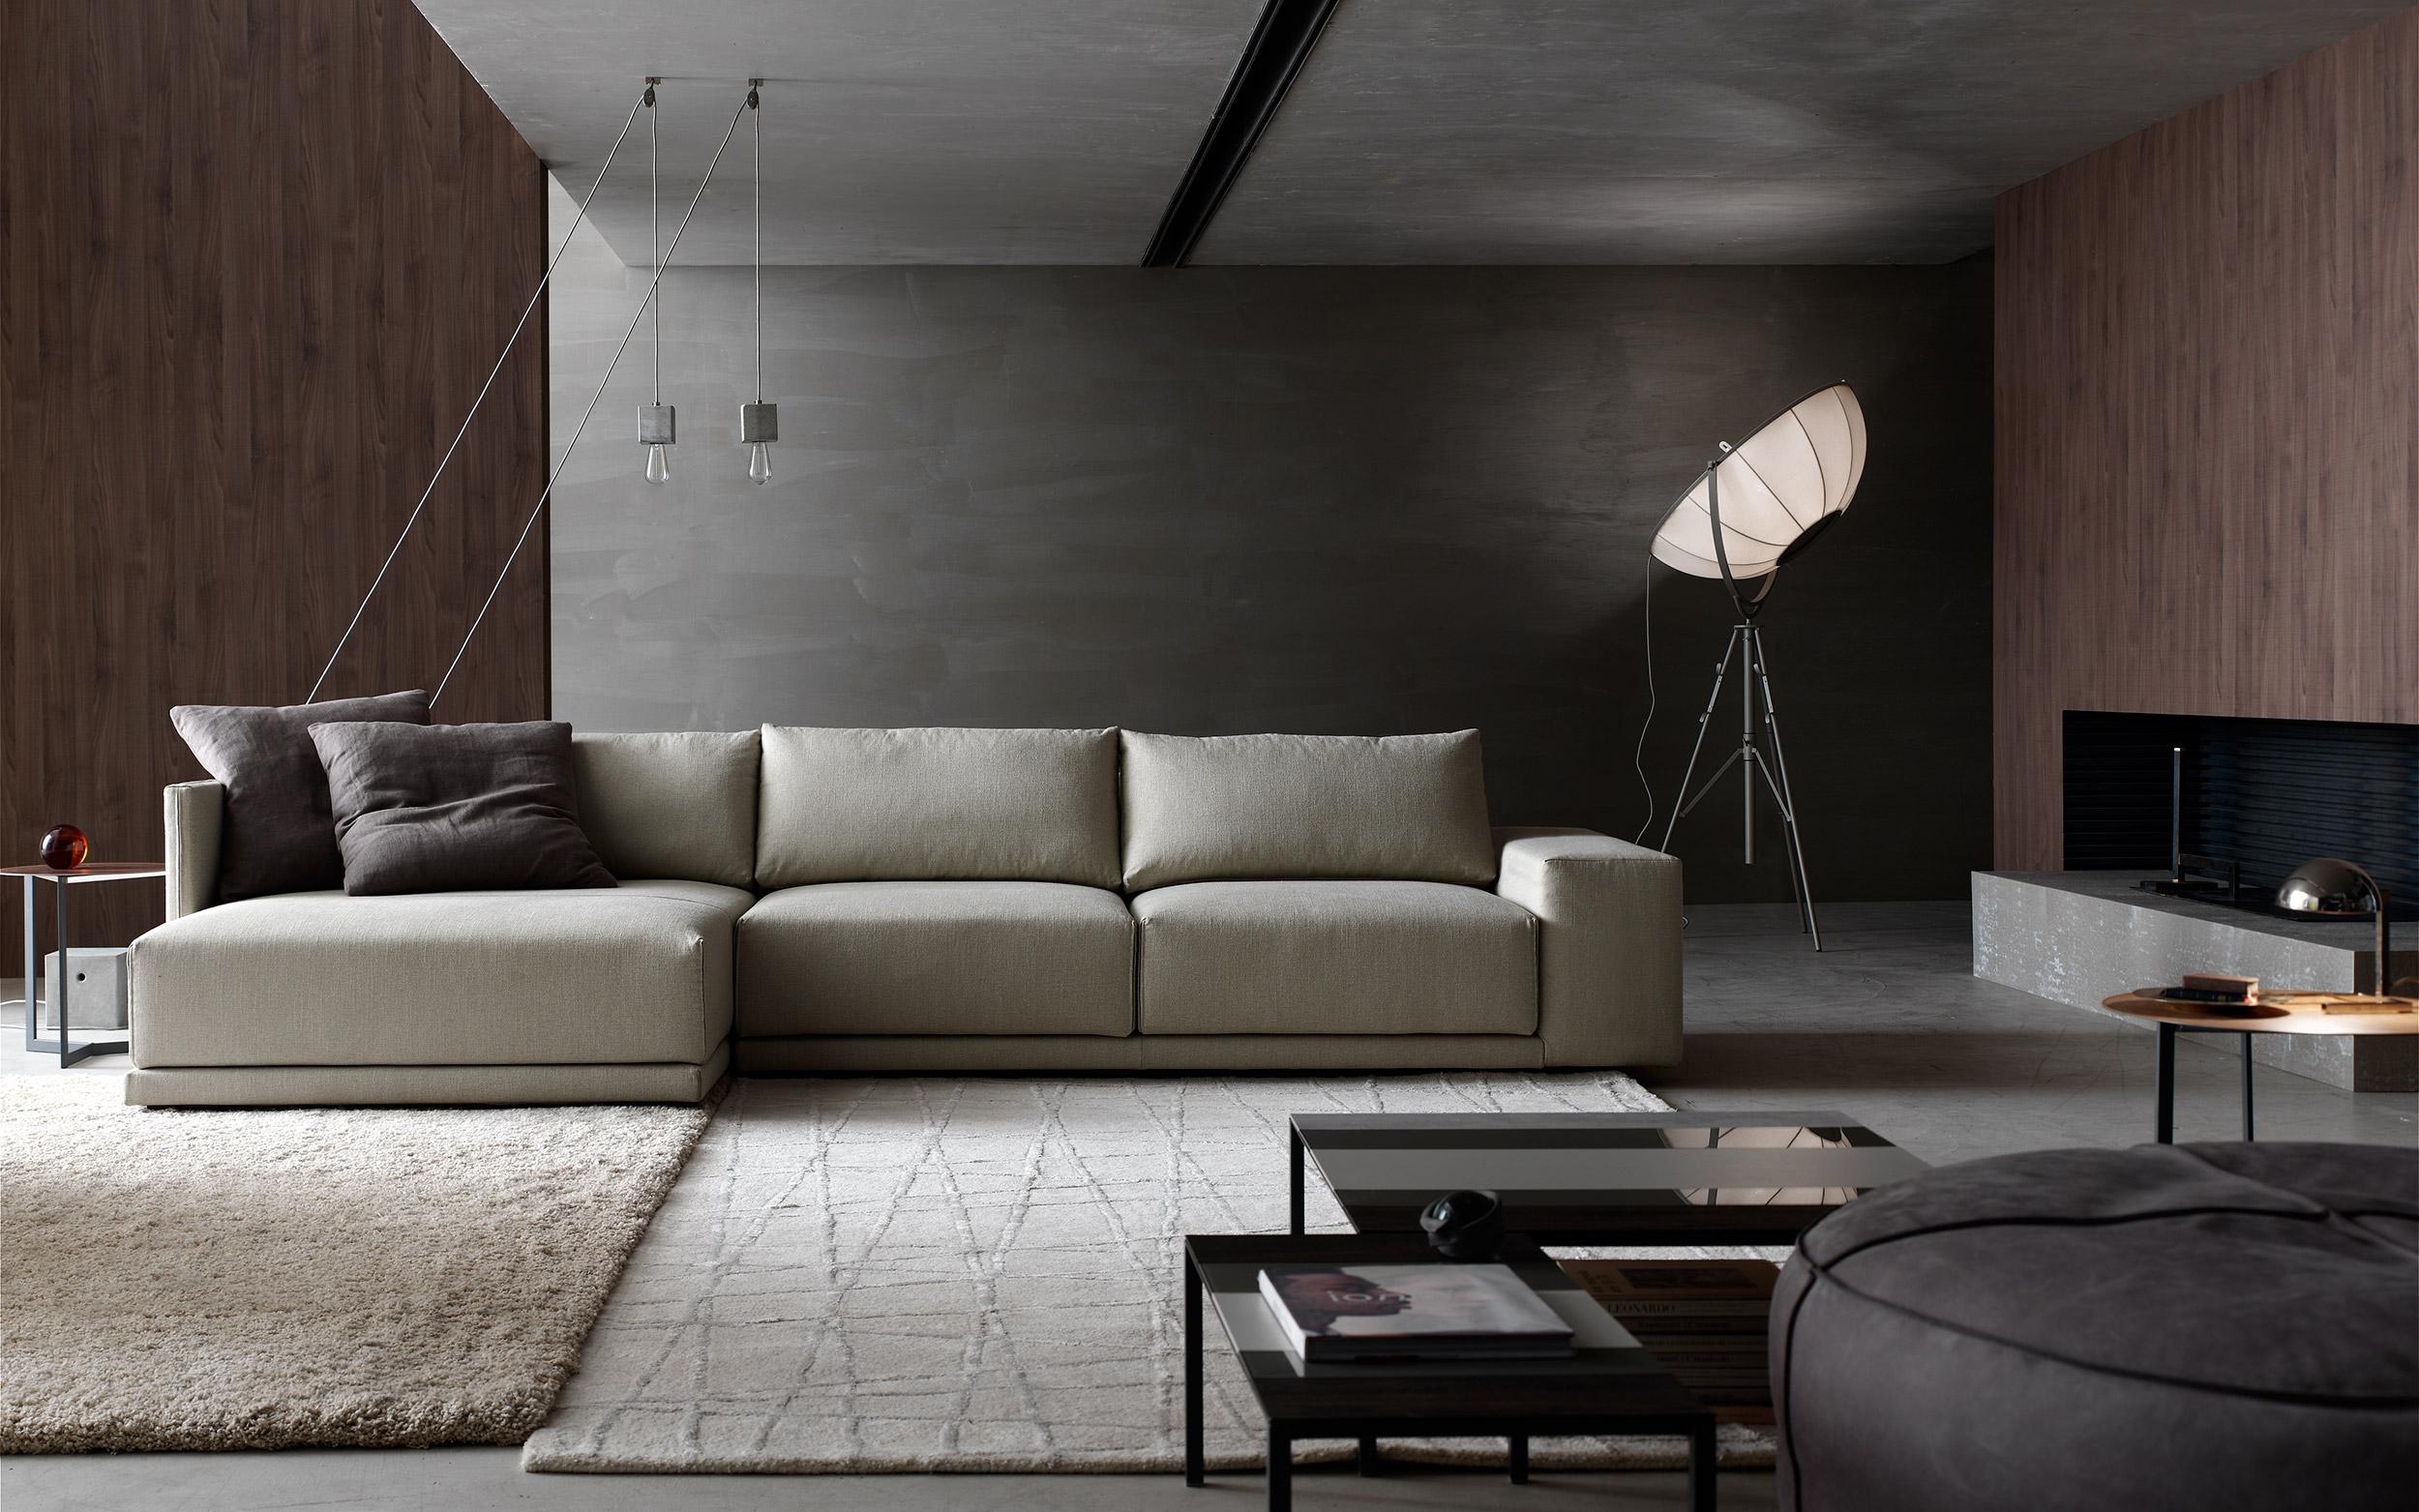 foto interni divano